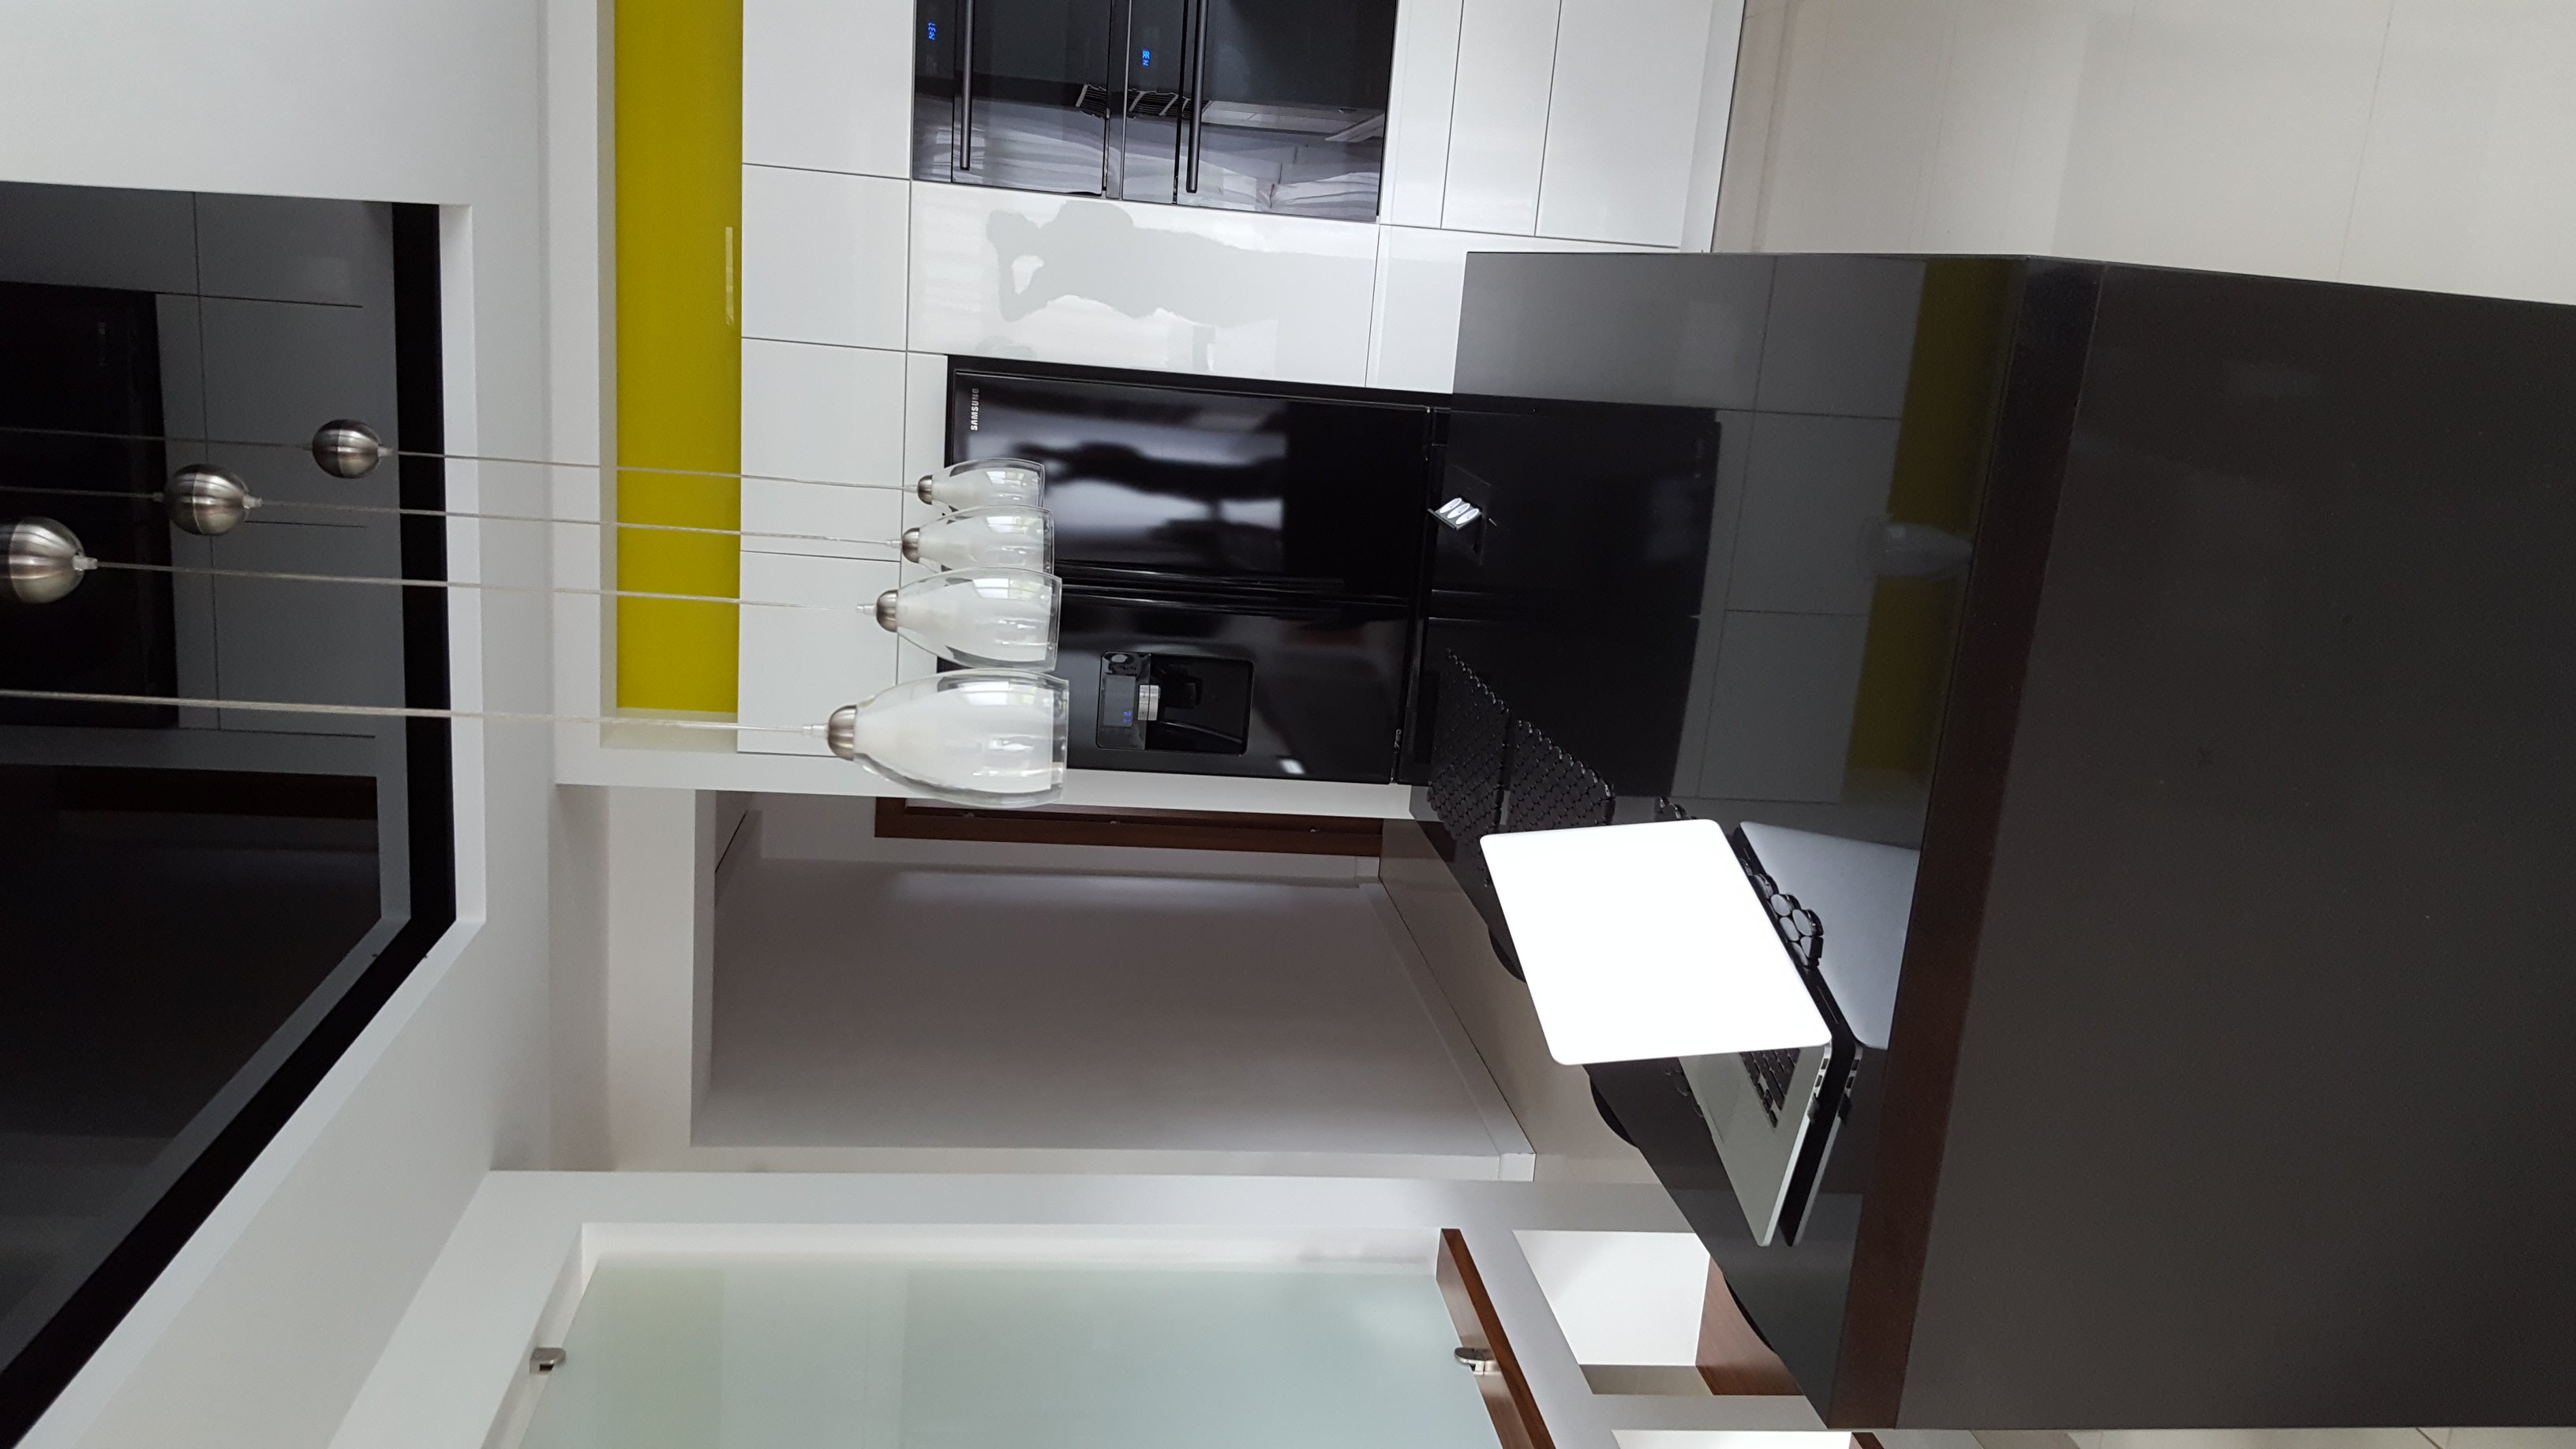 projekt-domu-riwiera-fot-30-1470049997-juj_jksz.jpg